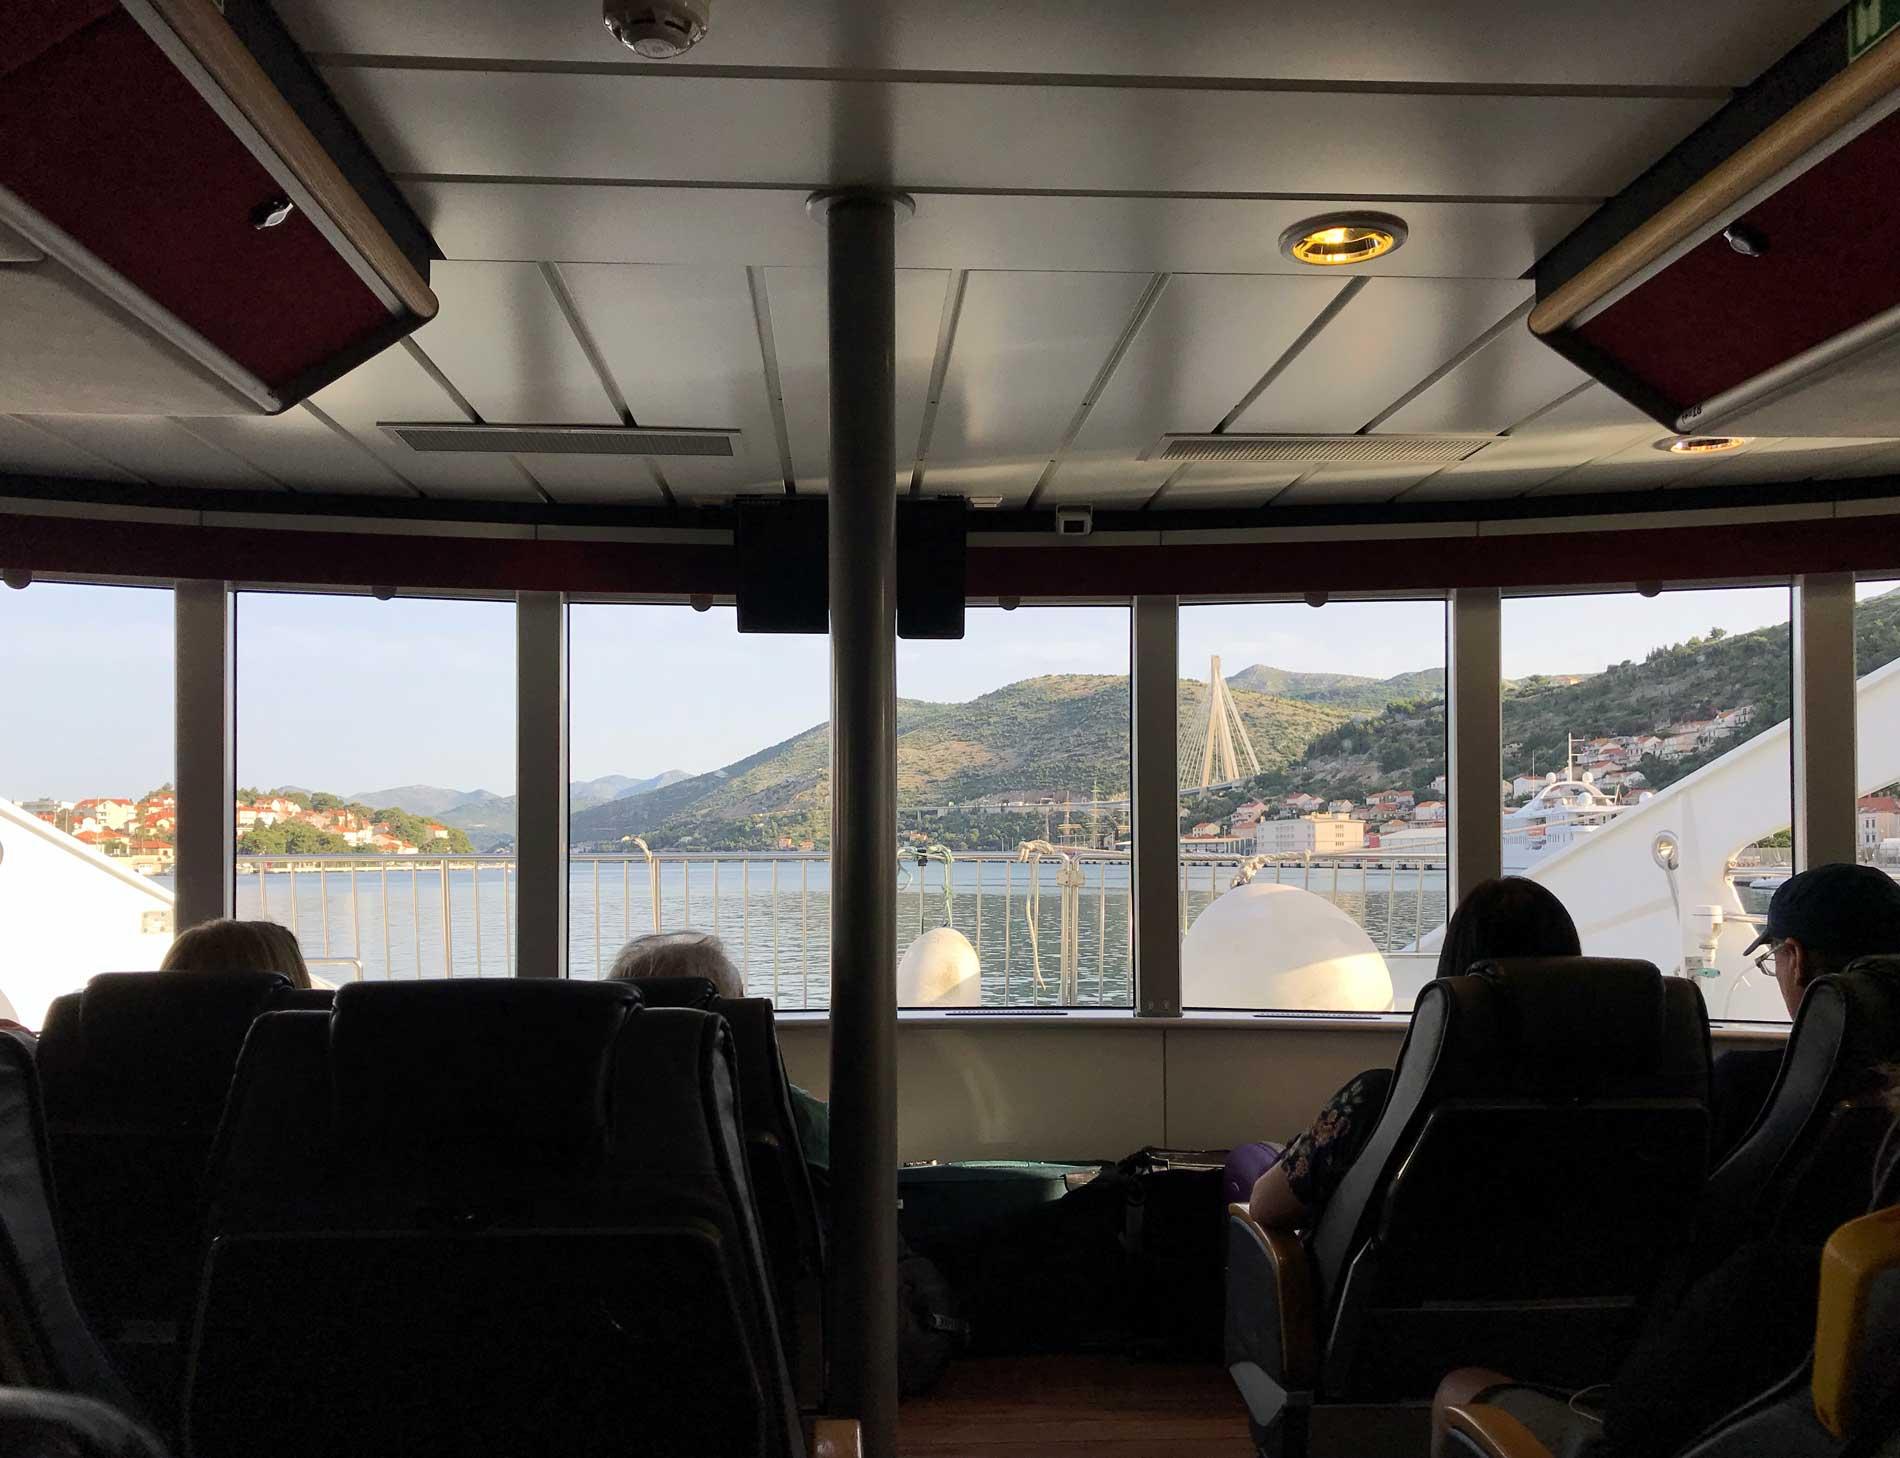 Dubrovnik-Port-Gruz-catamarano-Jadrolinija-mare